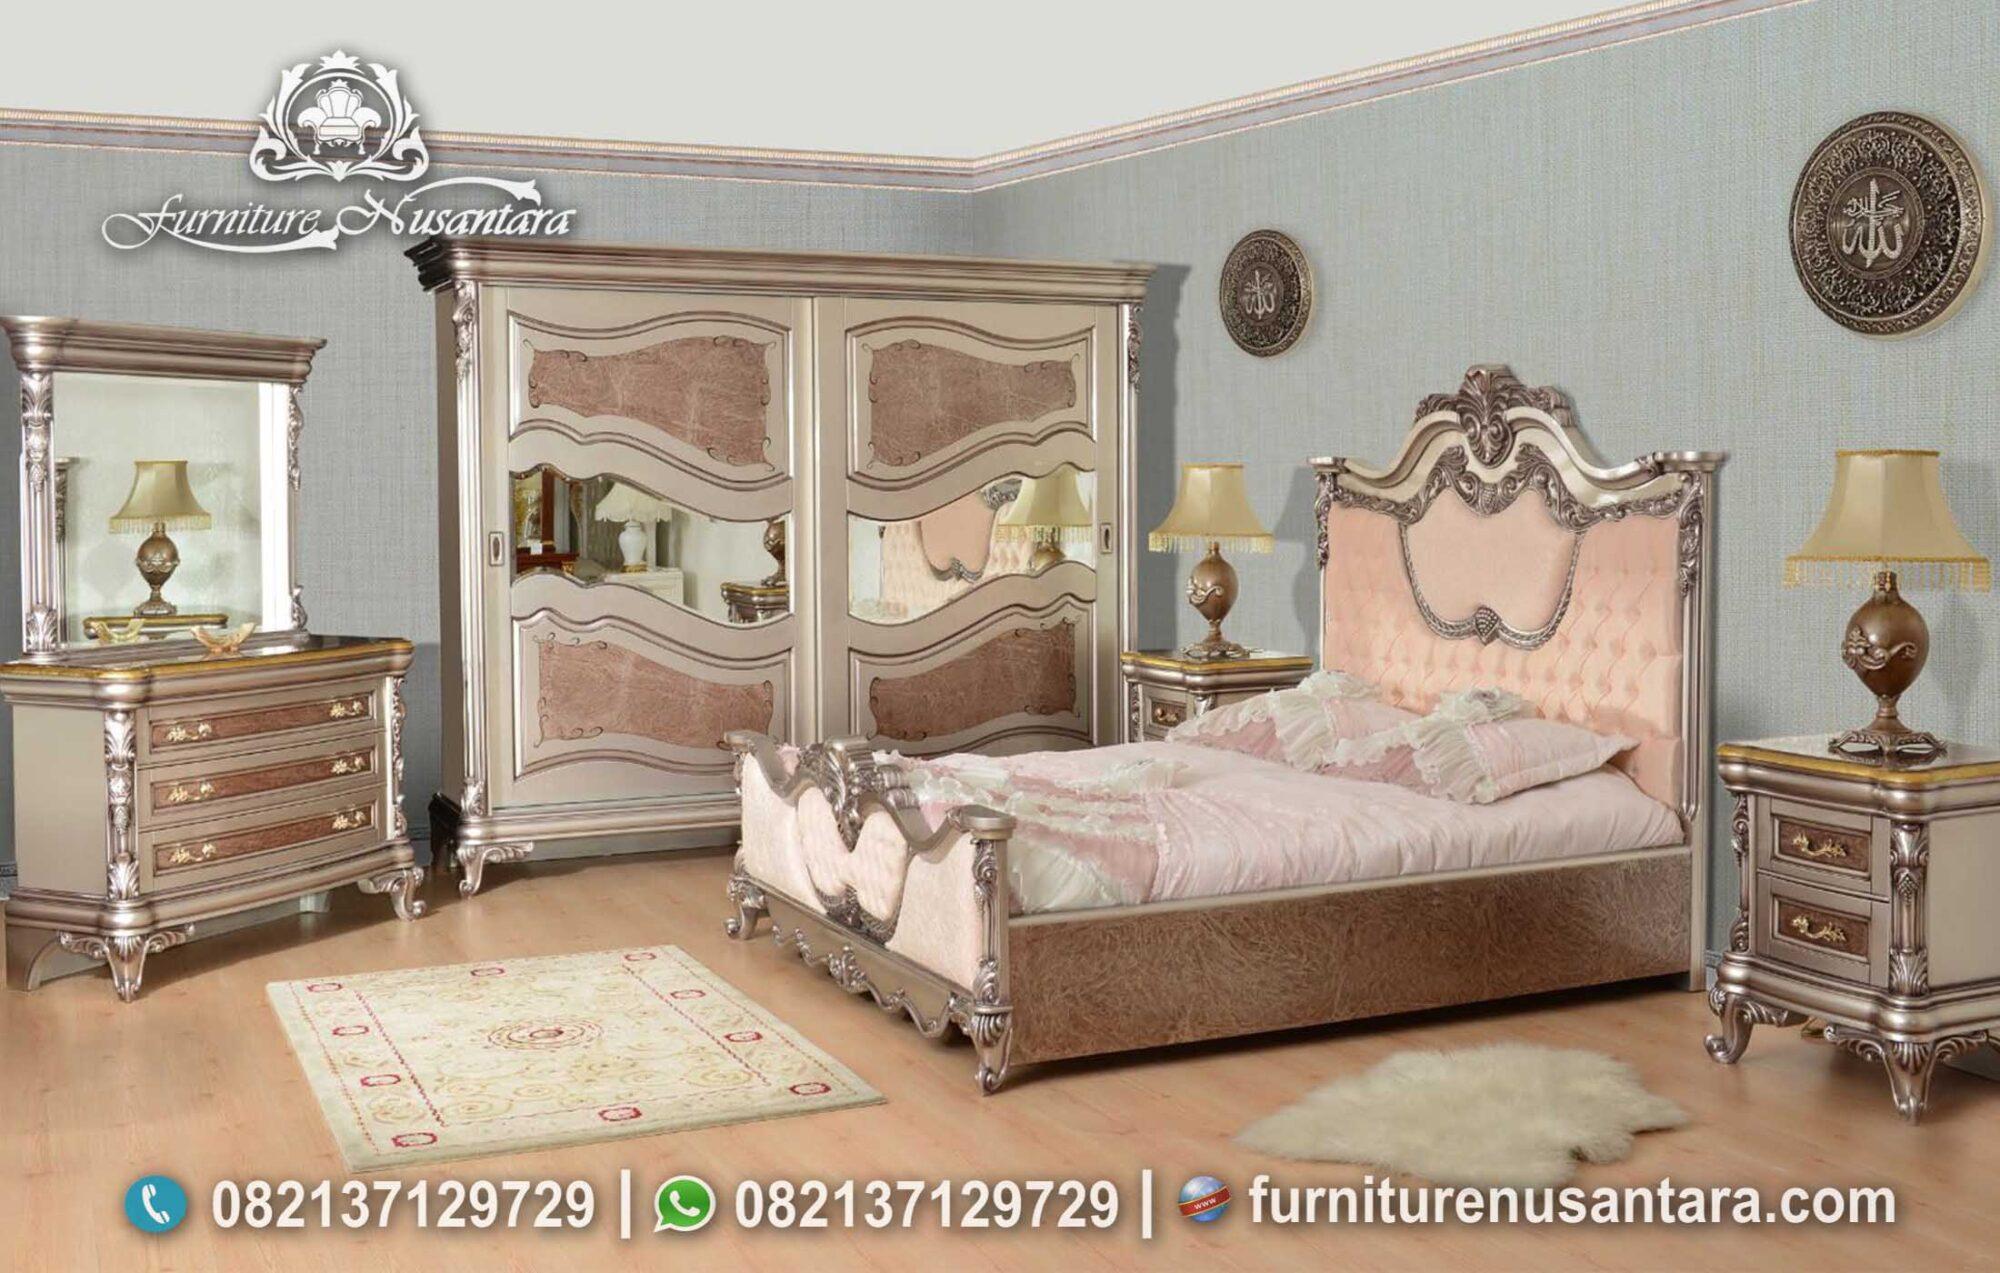 Kamar Set Klasik Terbaru KS-126, Furniture Nusantara